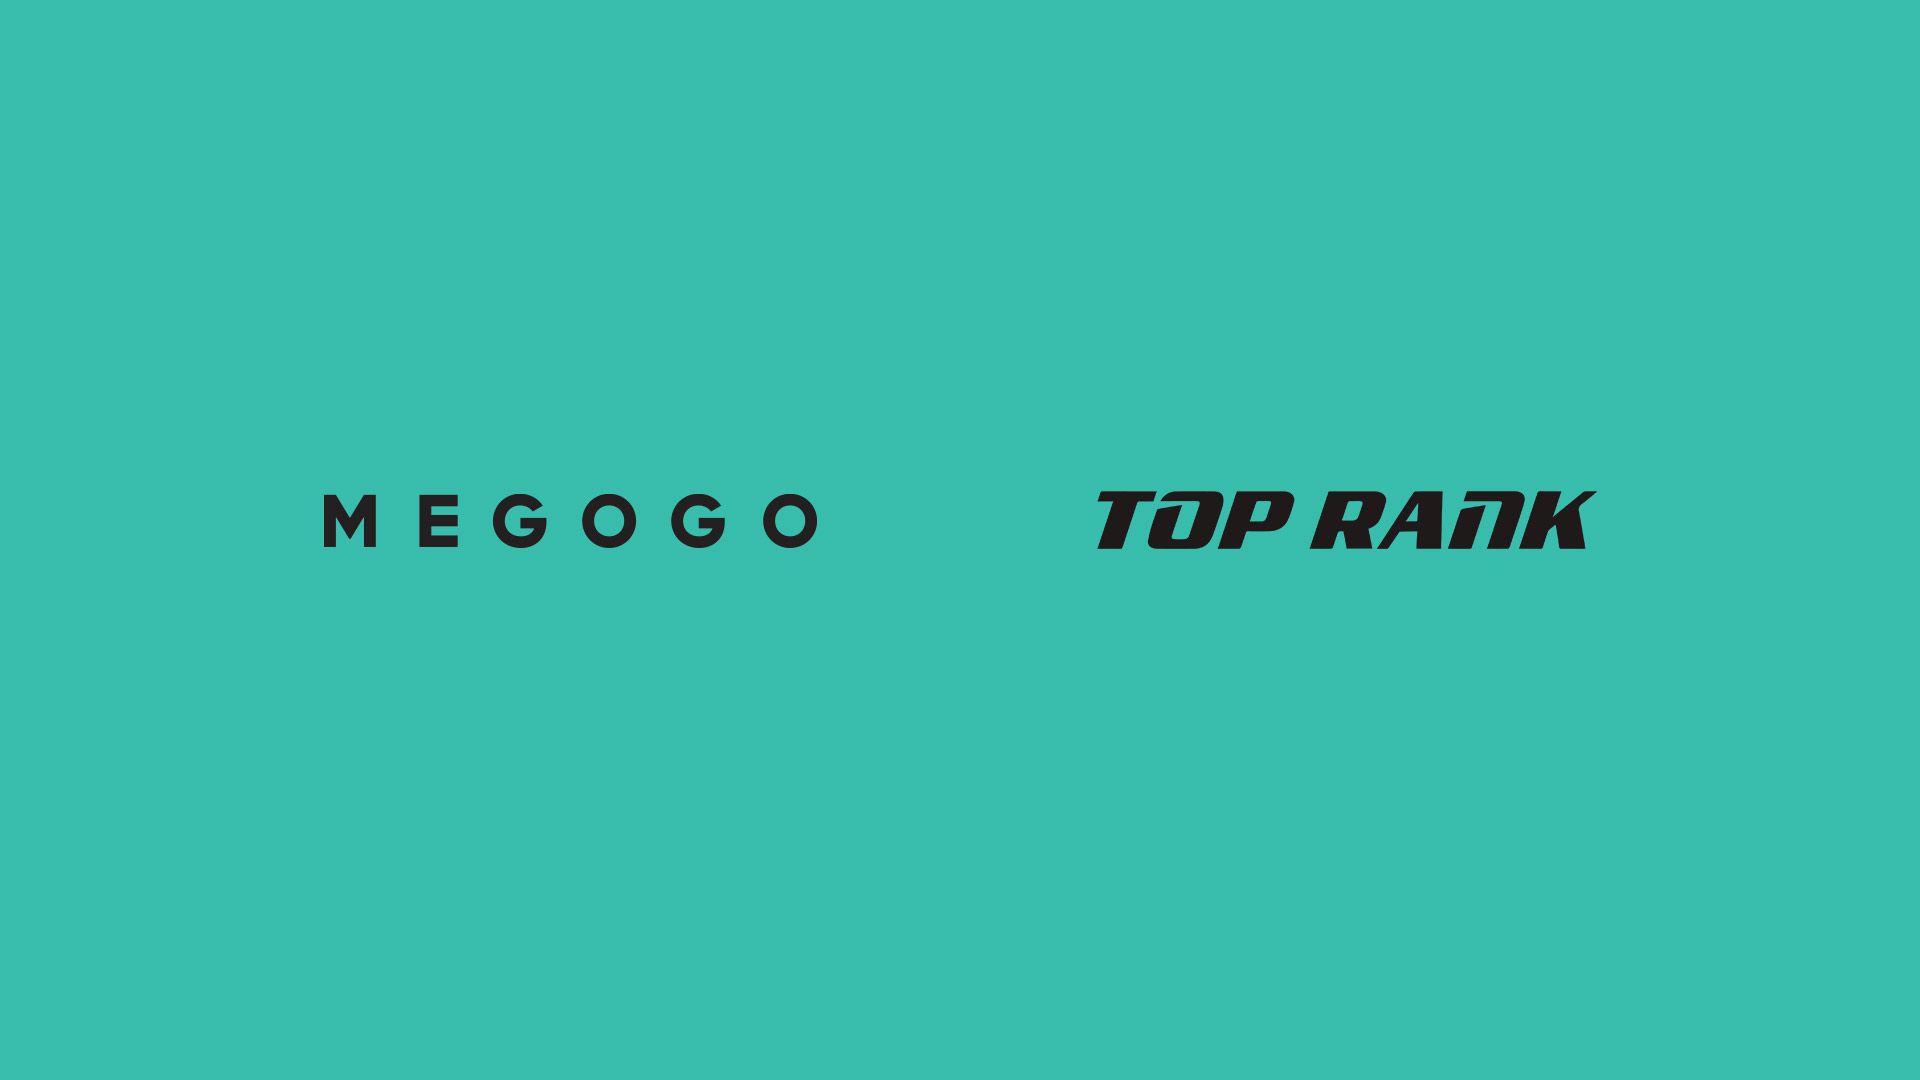 Megogo ексклюзивно показуватиме бокс від Top Rank